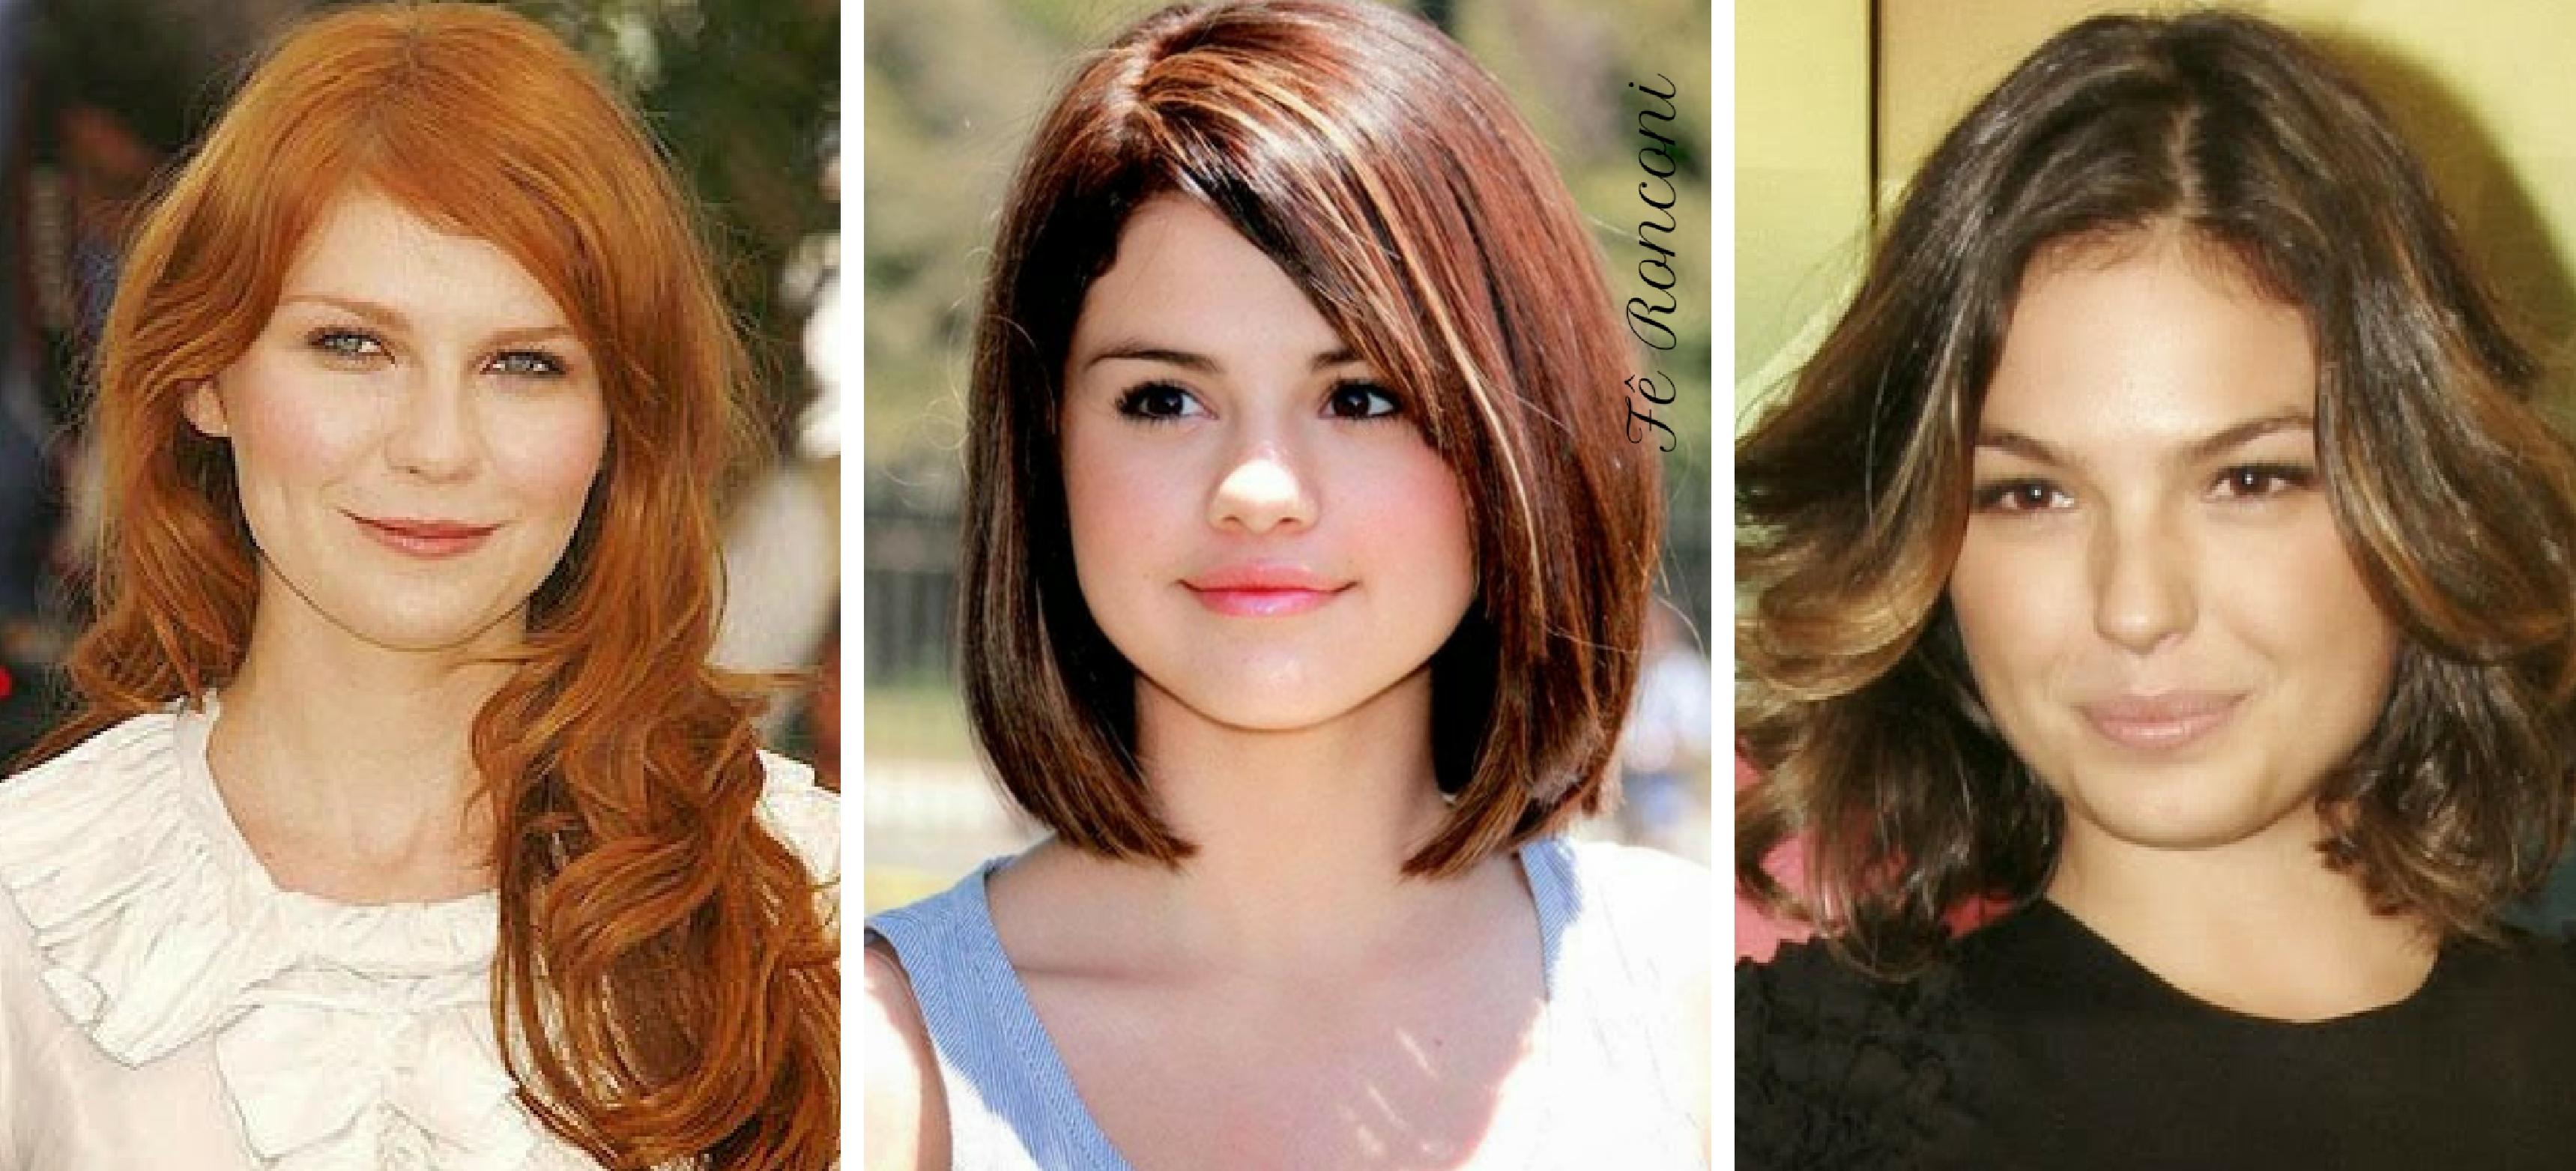 Melhores opções  O rosto redondo pede formas geométricas para alargar a  aparência facial. Dê preferência para modelos que sejam maiores na altura  das ... e7d0466fe3